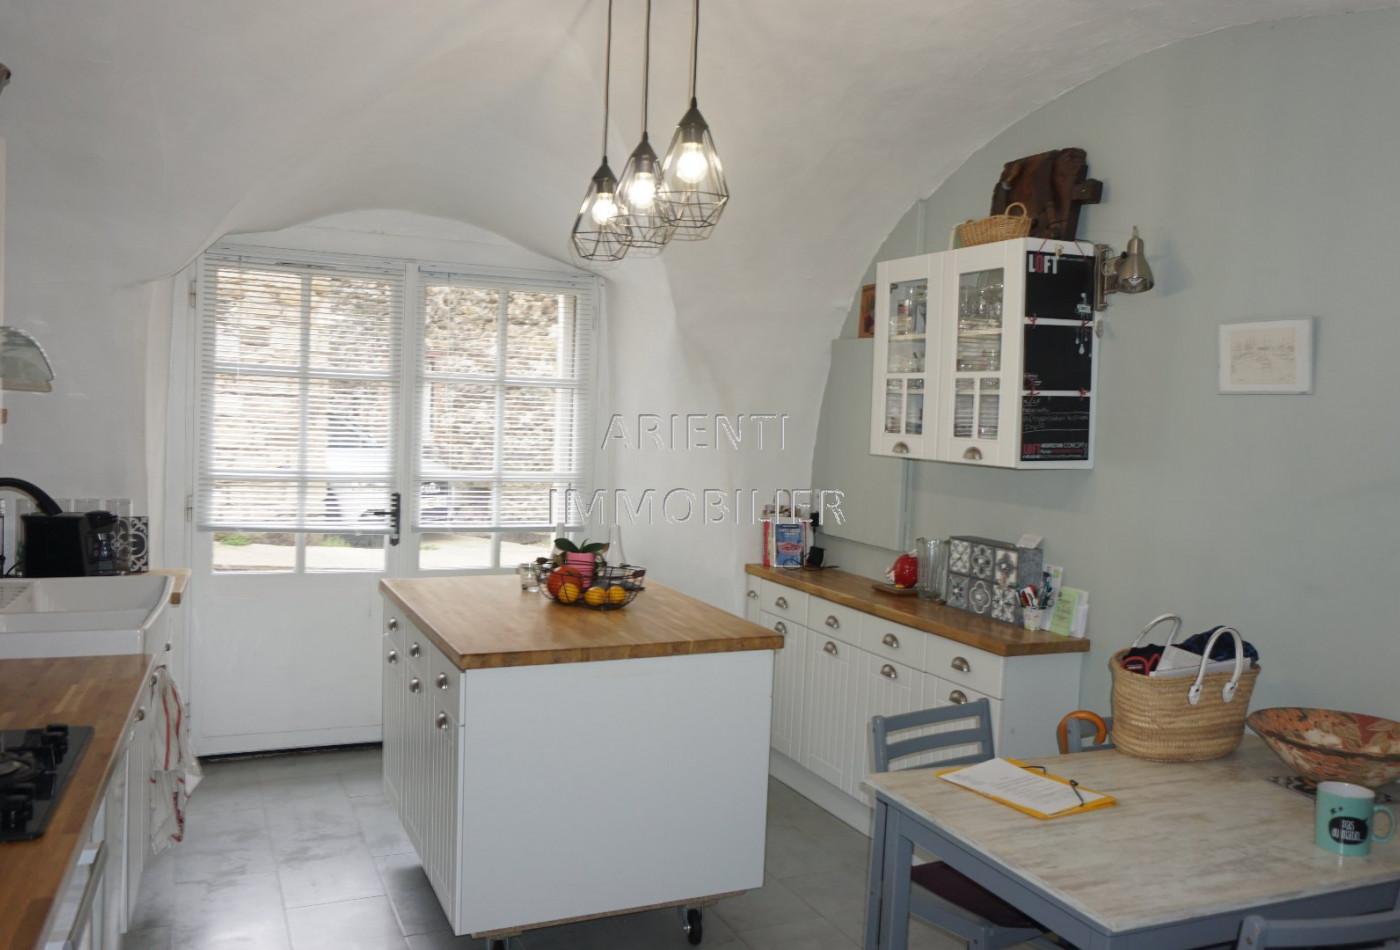 A vendre Pont De Barret 260013235 Office immobilier arienti